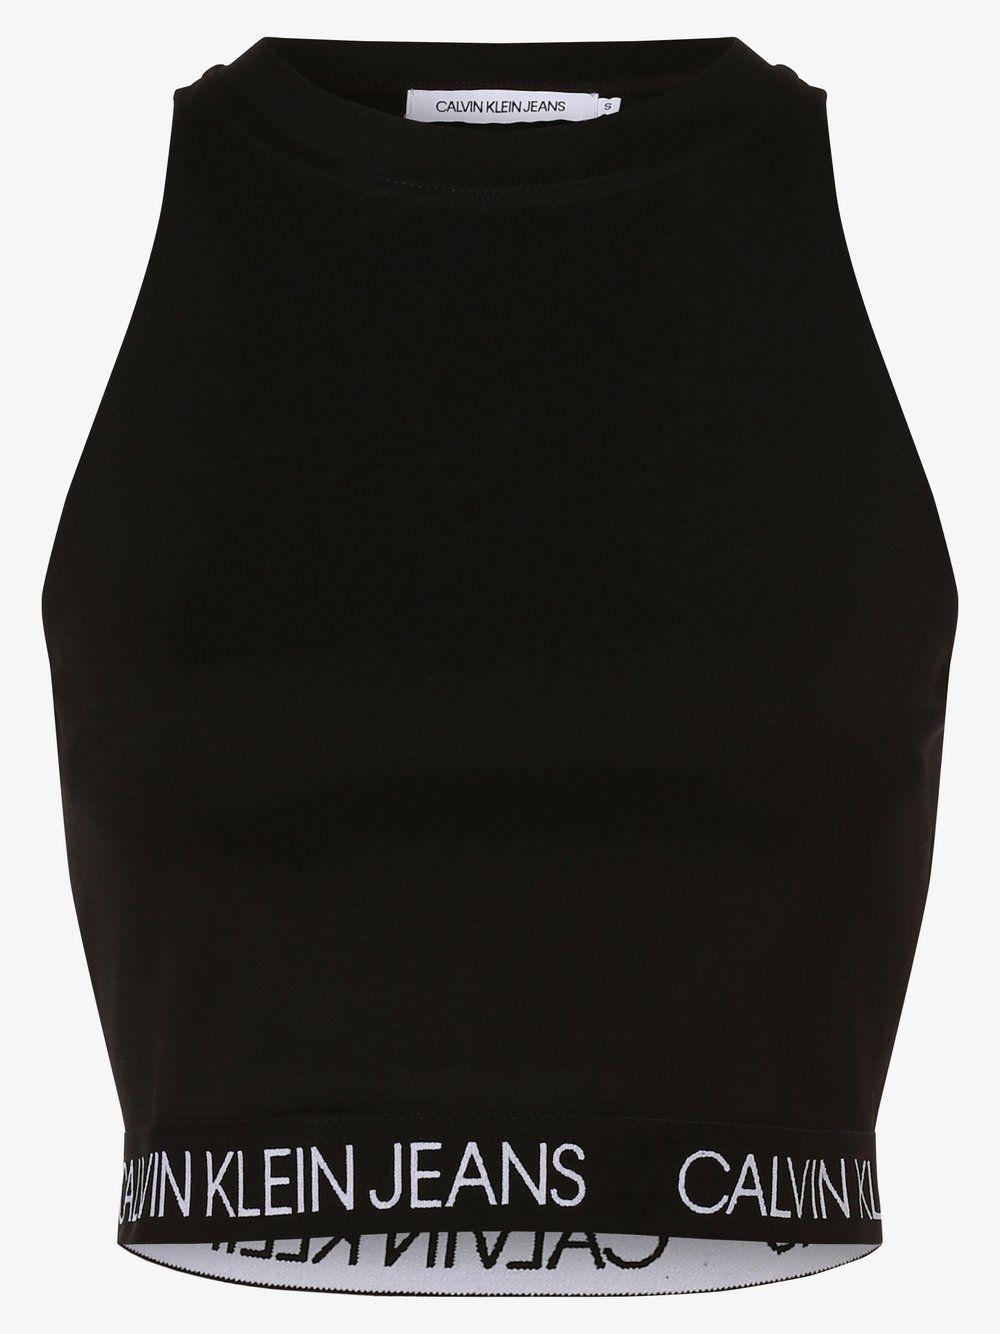 calvin klein jeans damen top online kaufen em 2020 | moletom